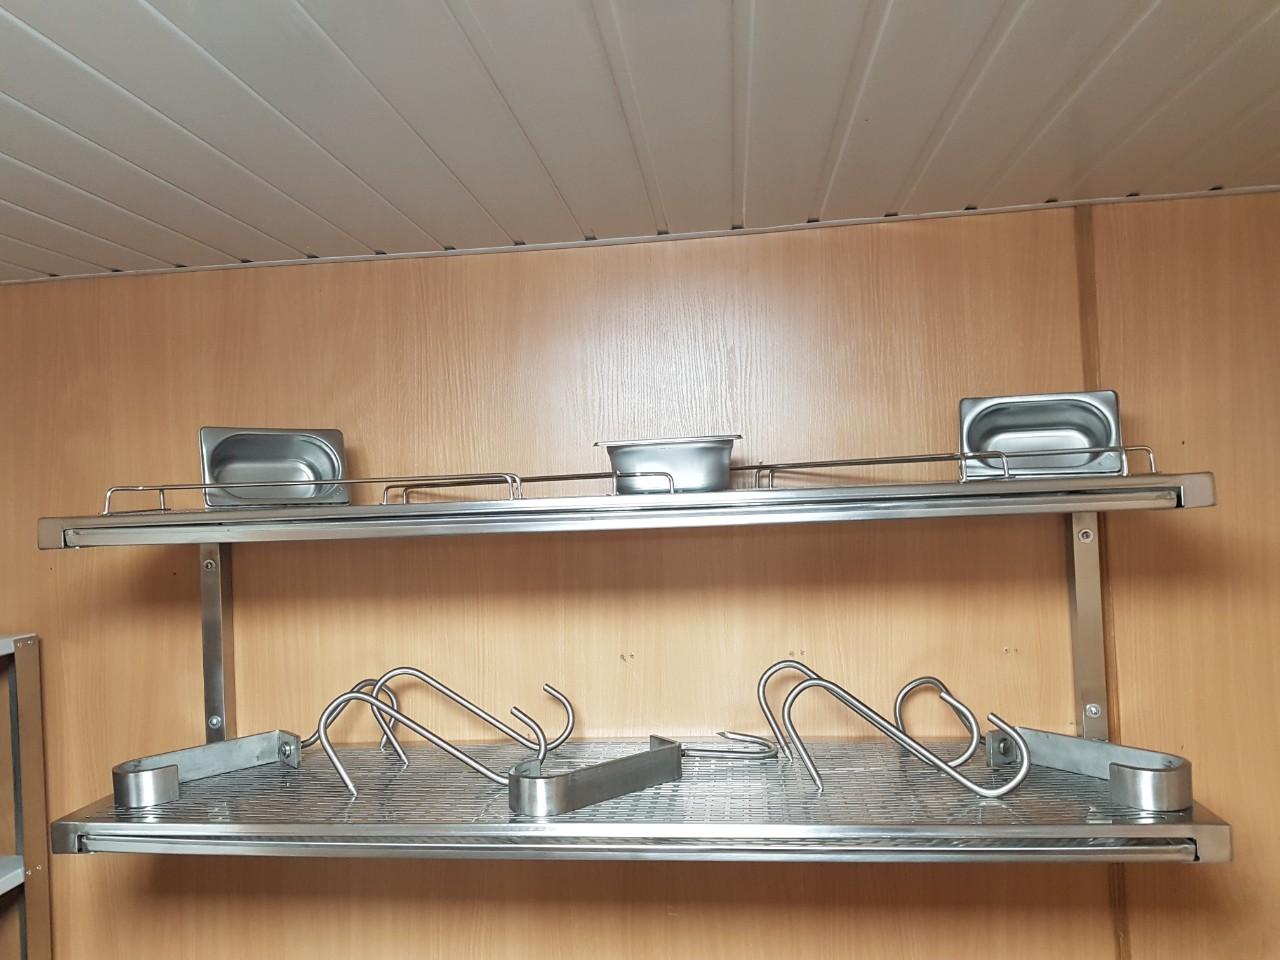 Полка для сушки посуды открытая (800 x 300 x 350) - фотография №1